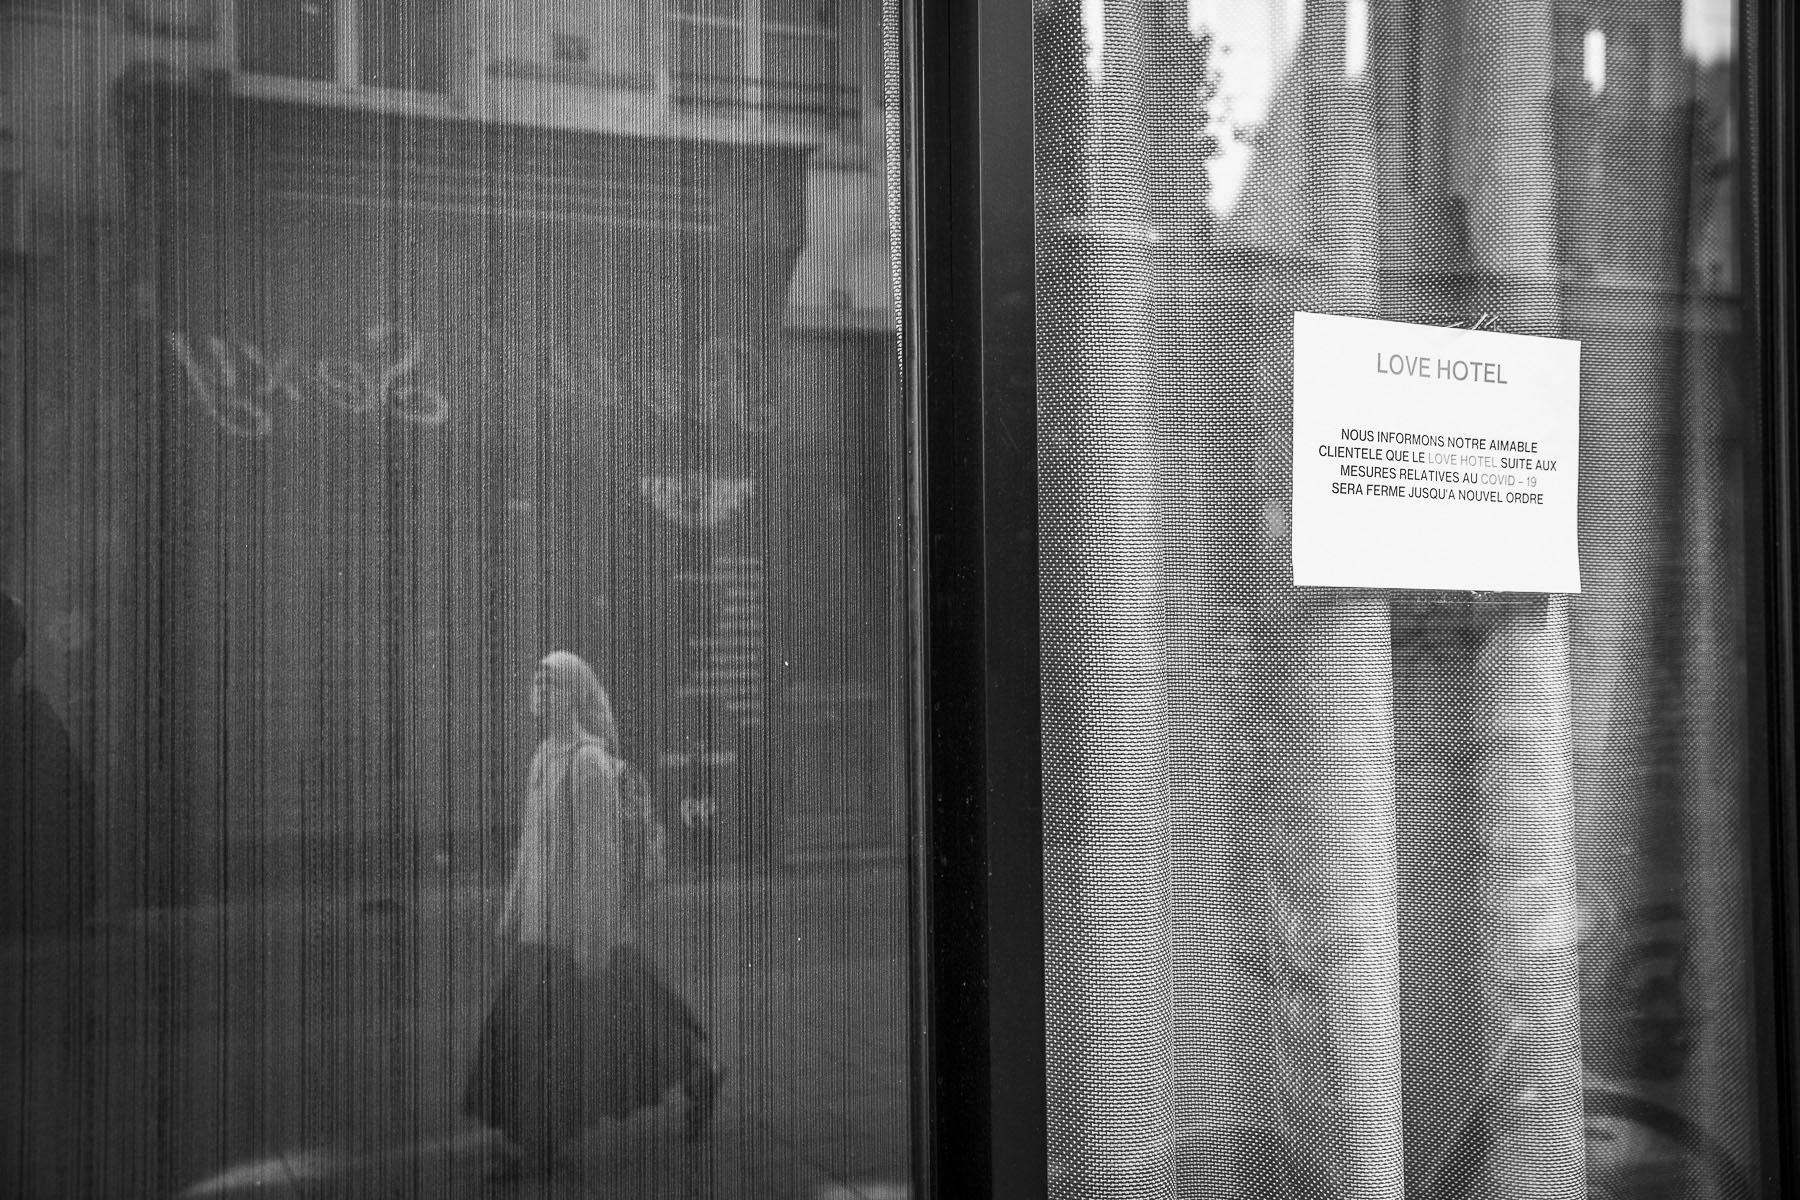 Rue Saint Denis, April 2020